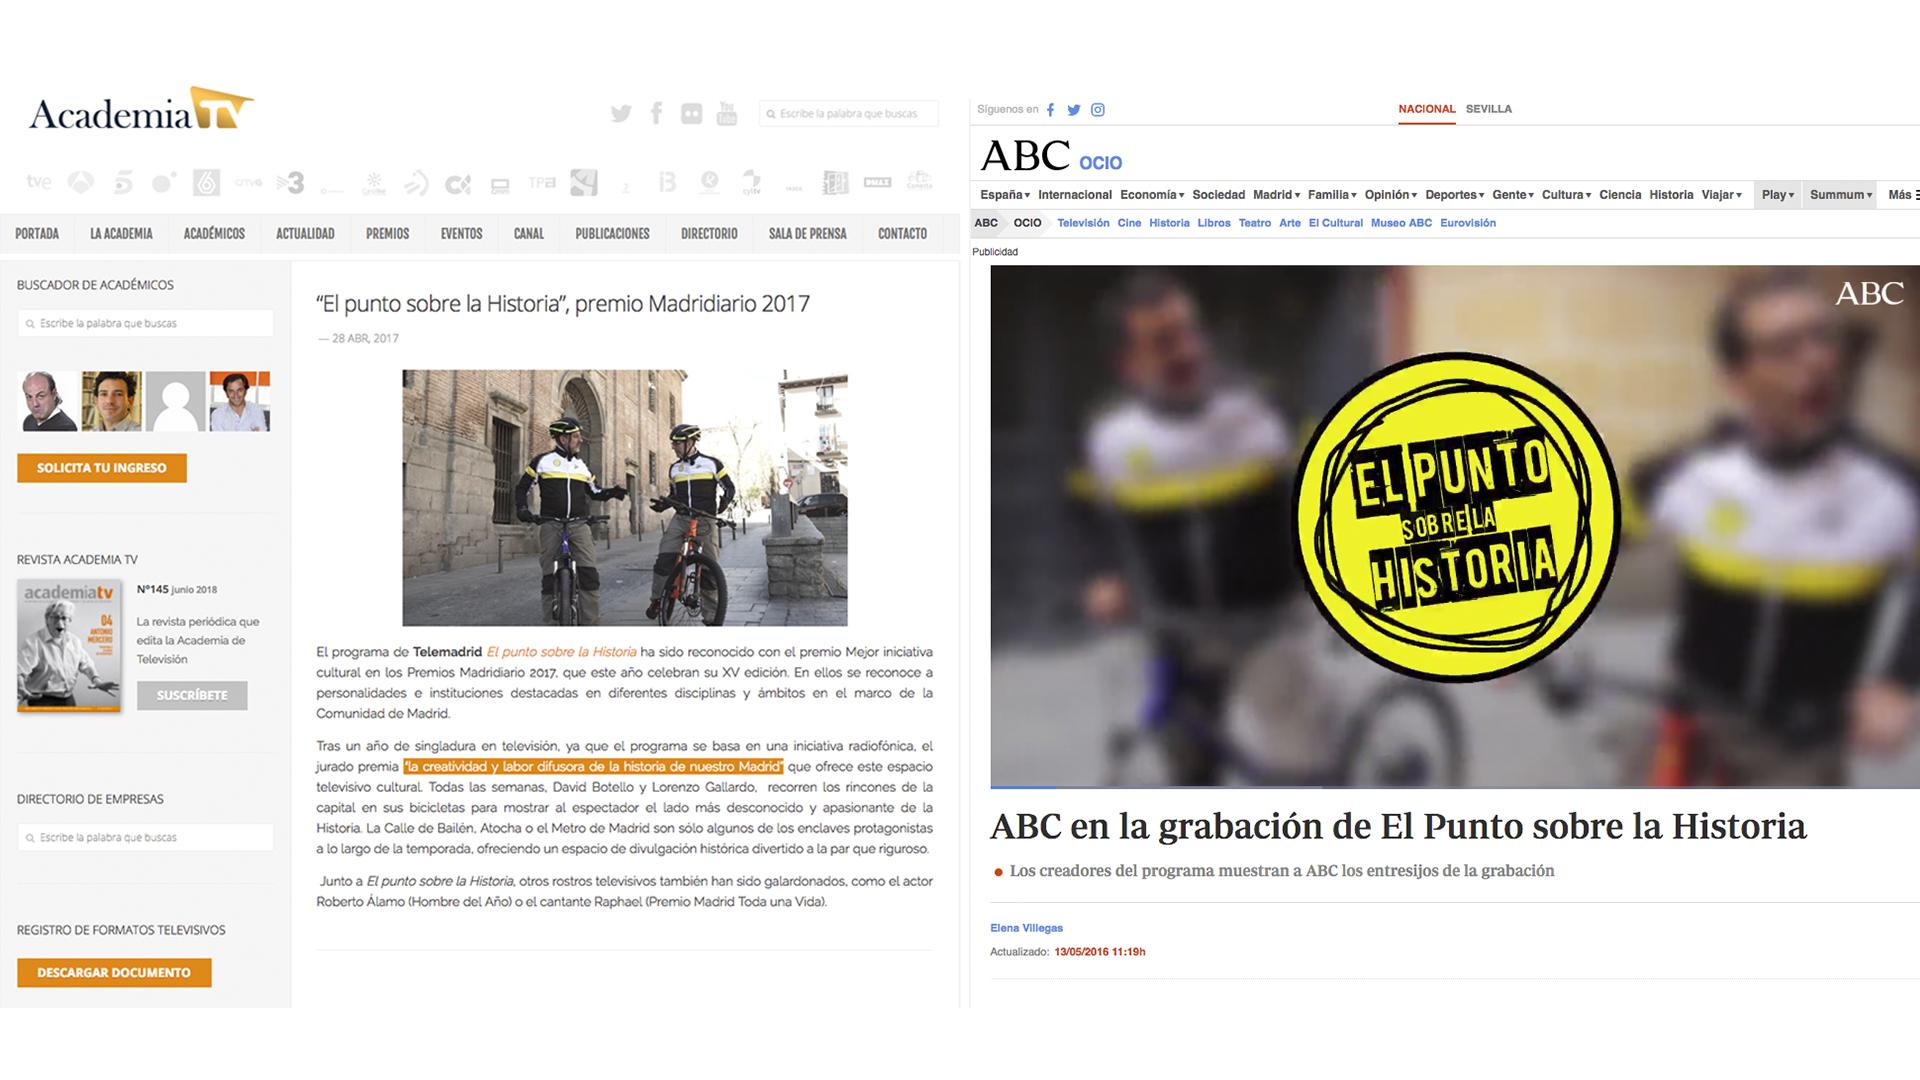 p_el_punto_sobre_la_historia_victor_enguix.jpg